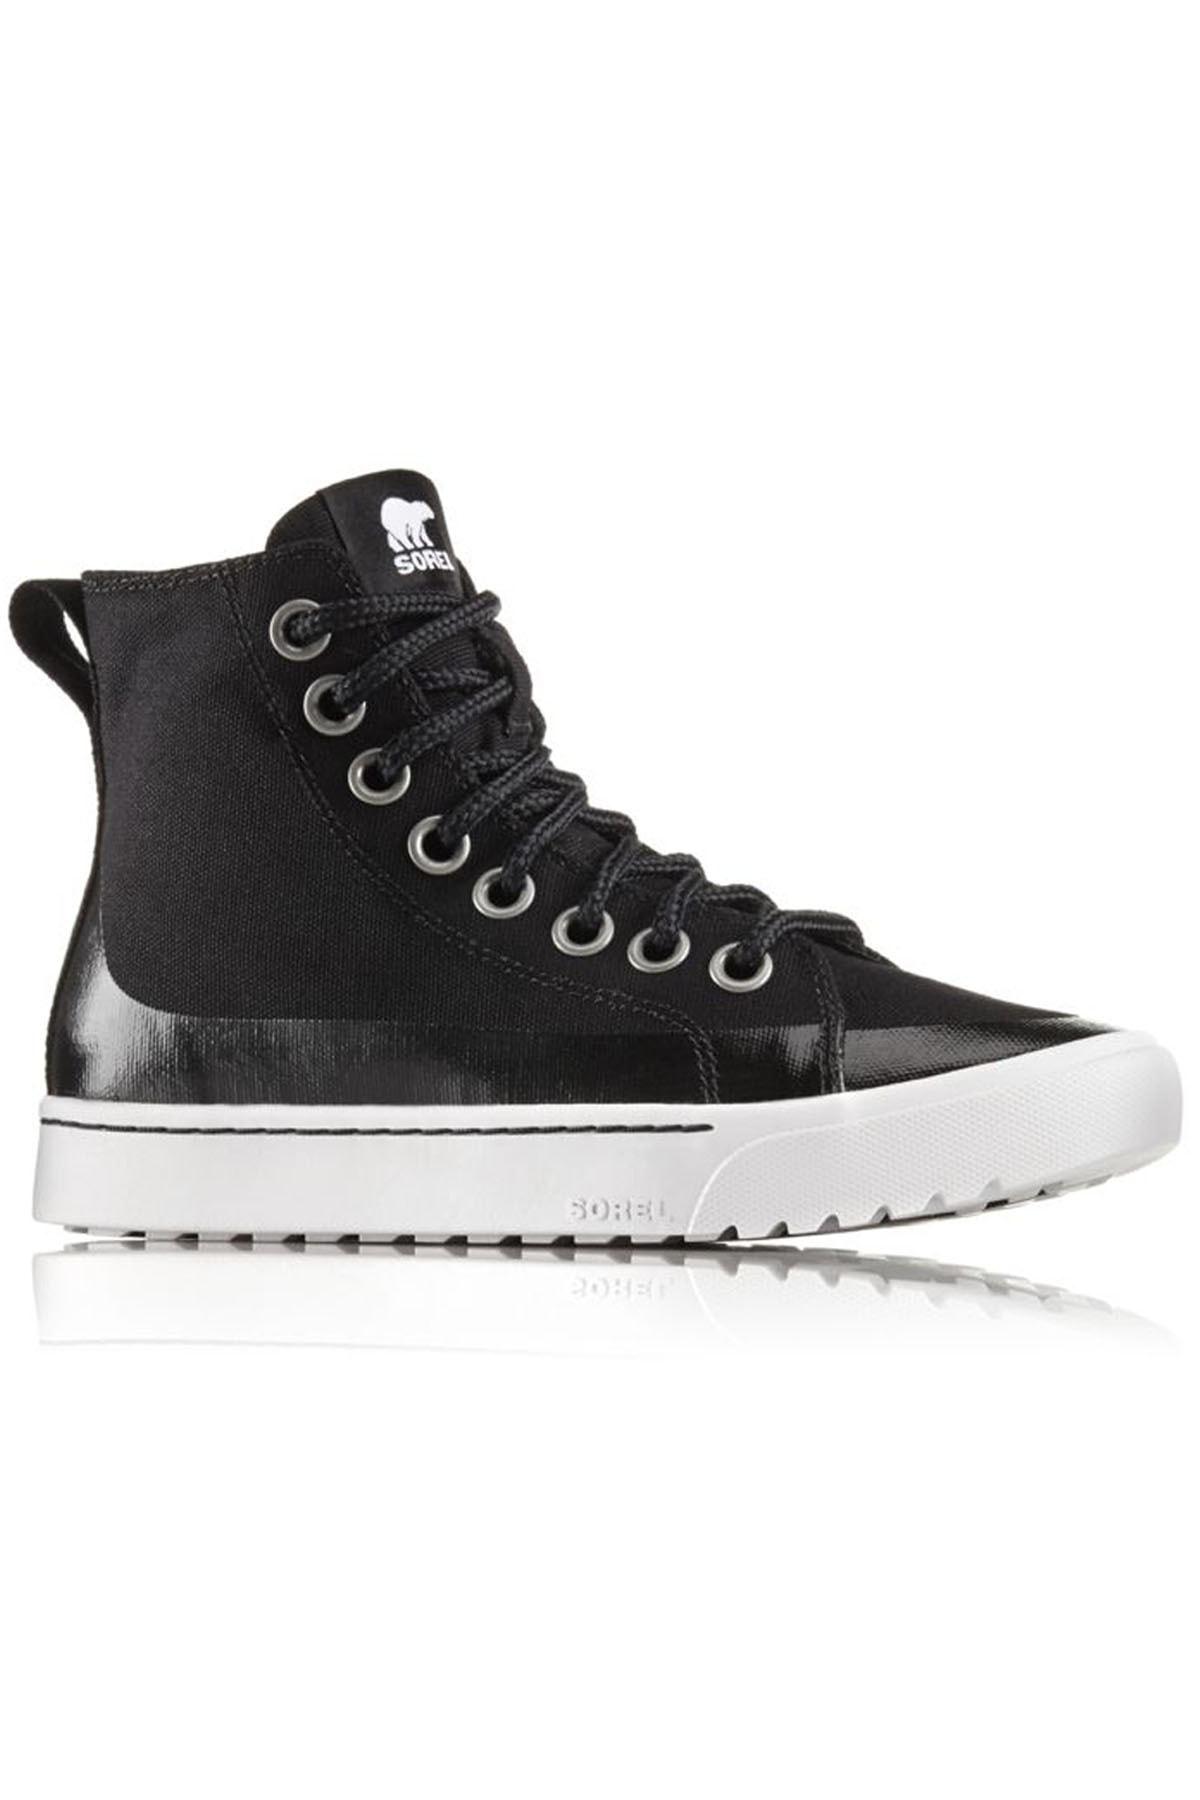 Sorel Nl2865 Campsneak Chukka Kadın Ayakkabı 1